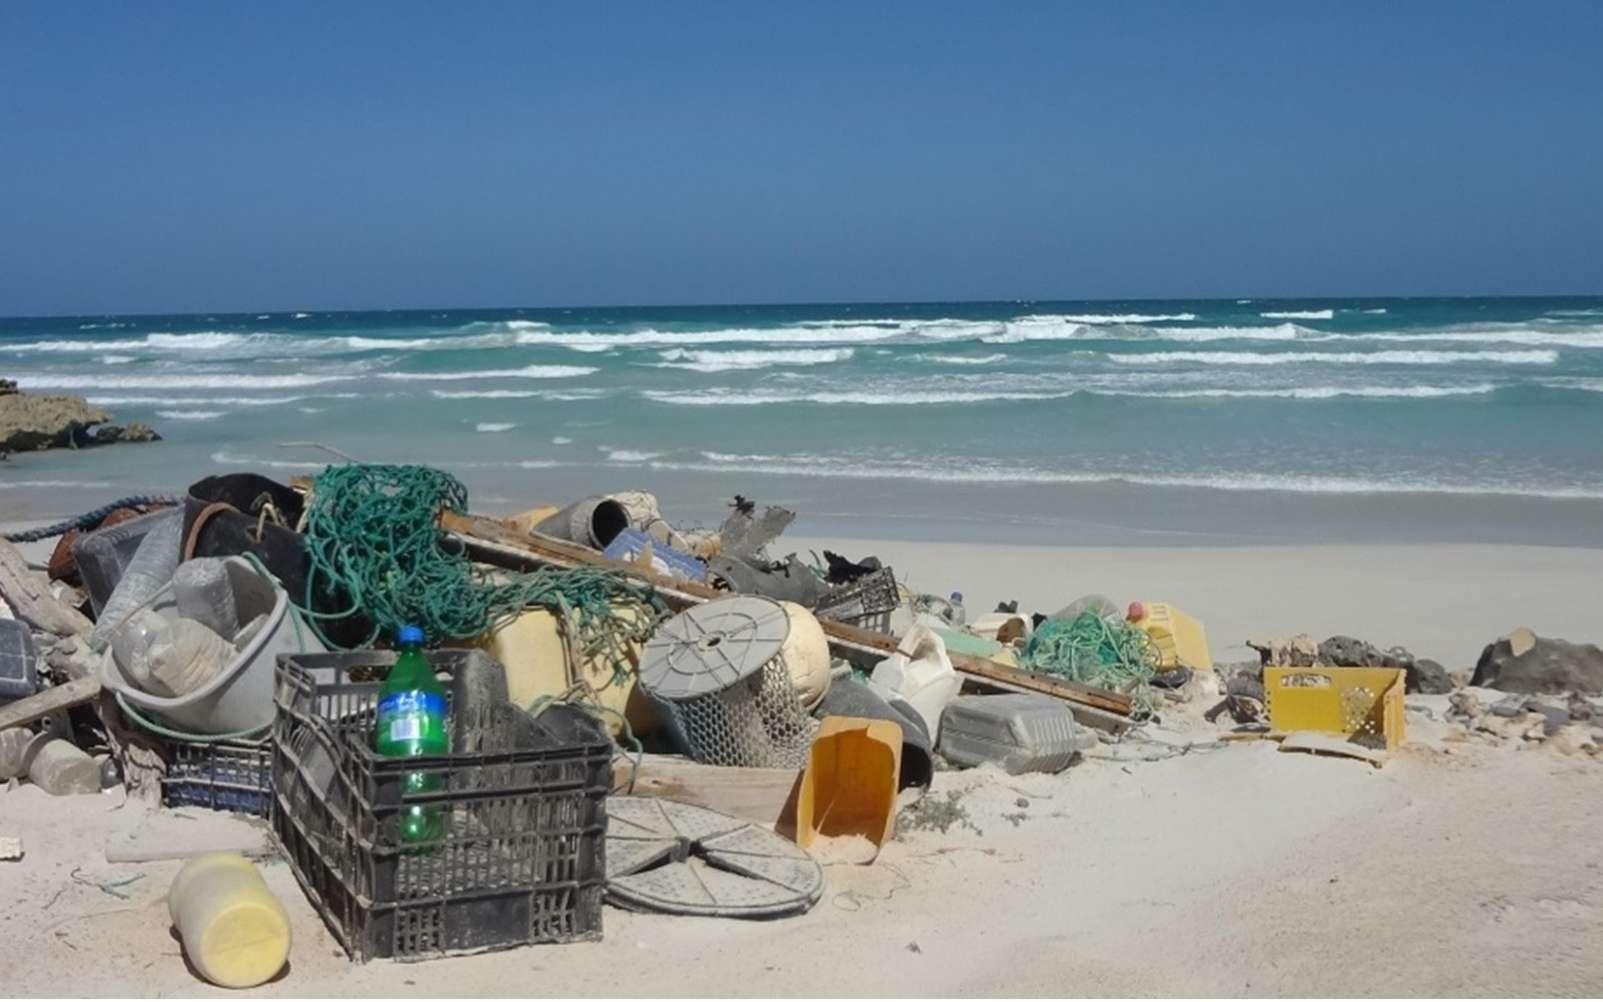 Tôt ou tard, une grande partie des déchets en plastique terminent leur vie dans les océans. © J. Veiga